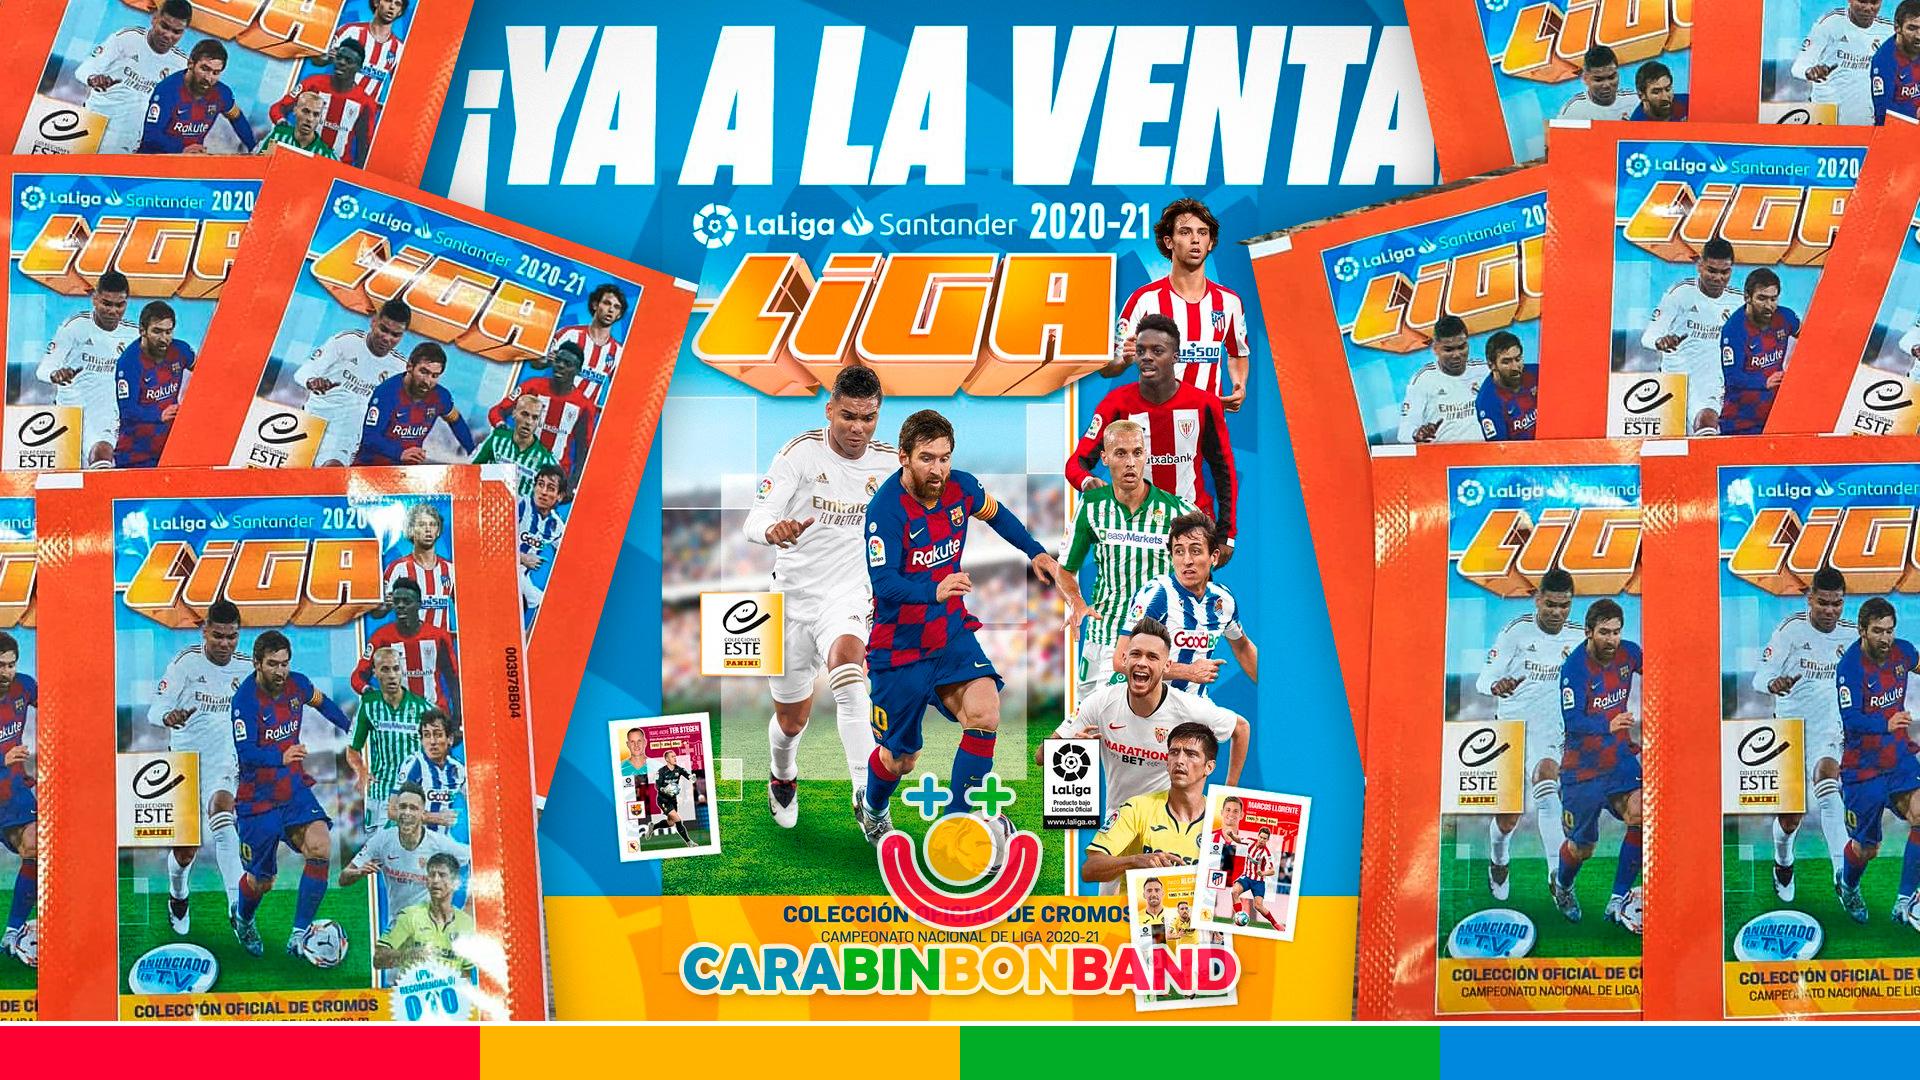 This is the PANINI LIGA ESTE 2020-21 FOOTBALL LEAGUE STICKER ALBUM